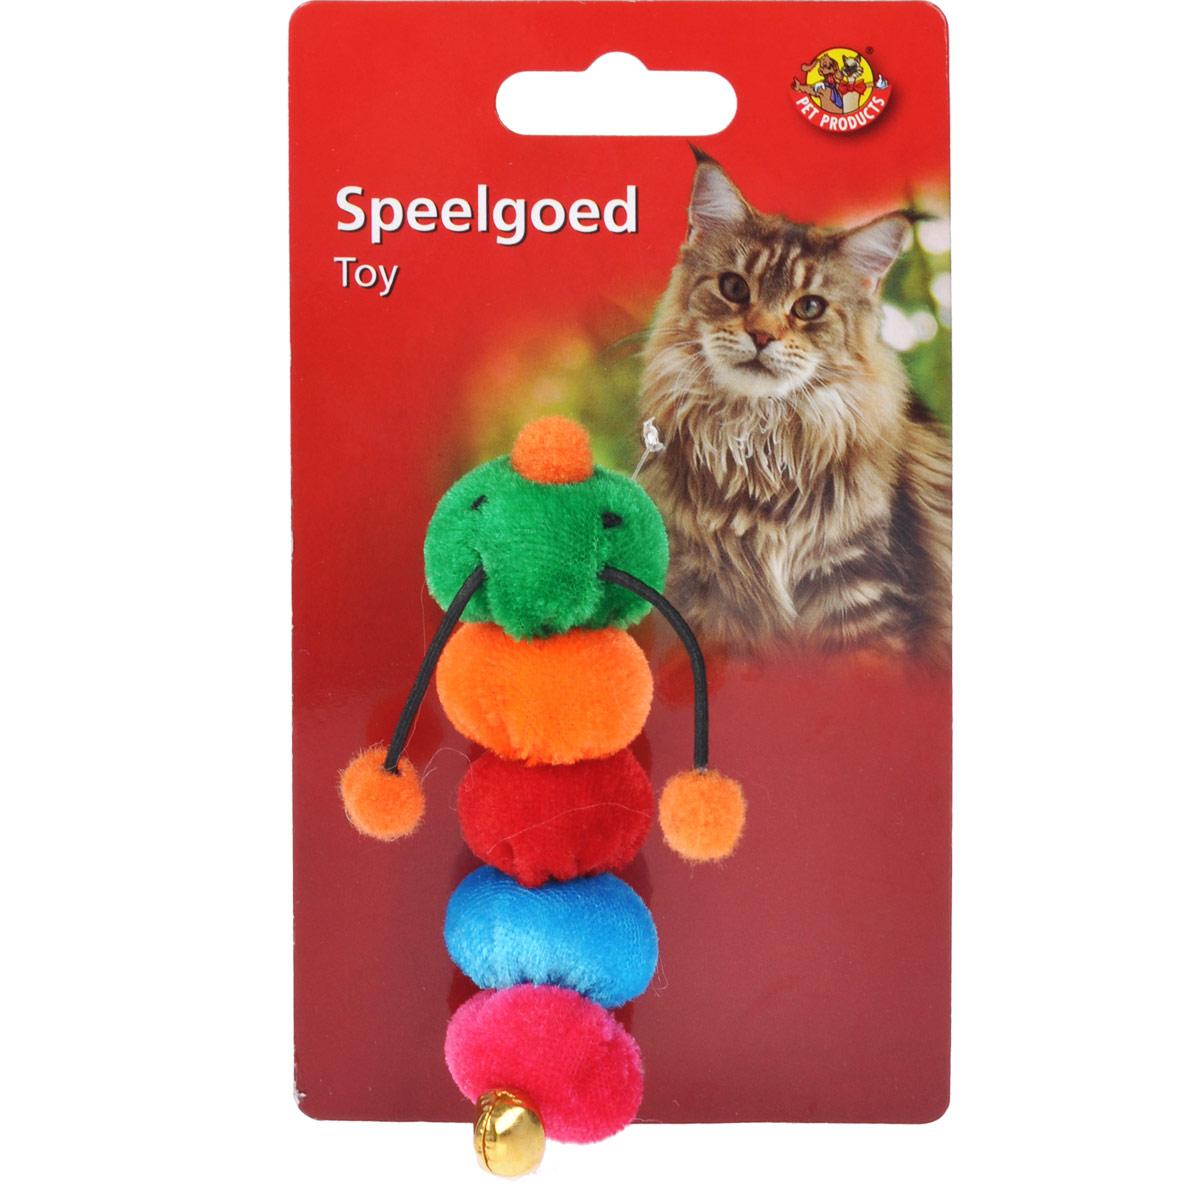 Игрушка для кошек I.P.T.S. Гусеница37608/440502Забавная игрушка для кошек I.P.T.S. Гусеница состоит из цветных сегментов. Игрушка изготовлена из мягкого плюша. Предназначена для активных игр с кошкой. Такая игрушка привлечет внимание вашего любимца и не оставит его равнодушным.Длина: 9,5 см.